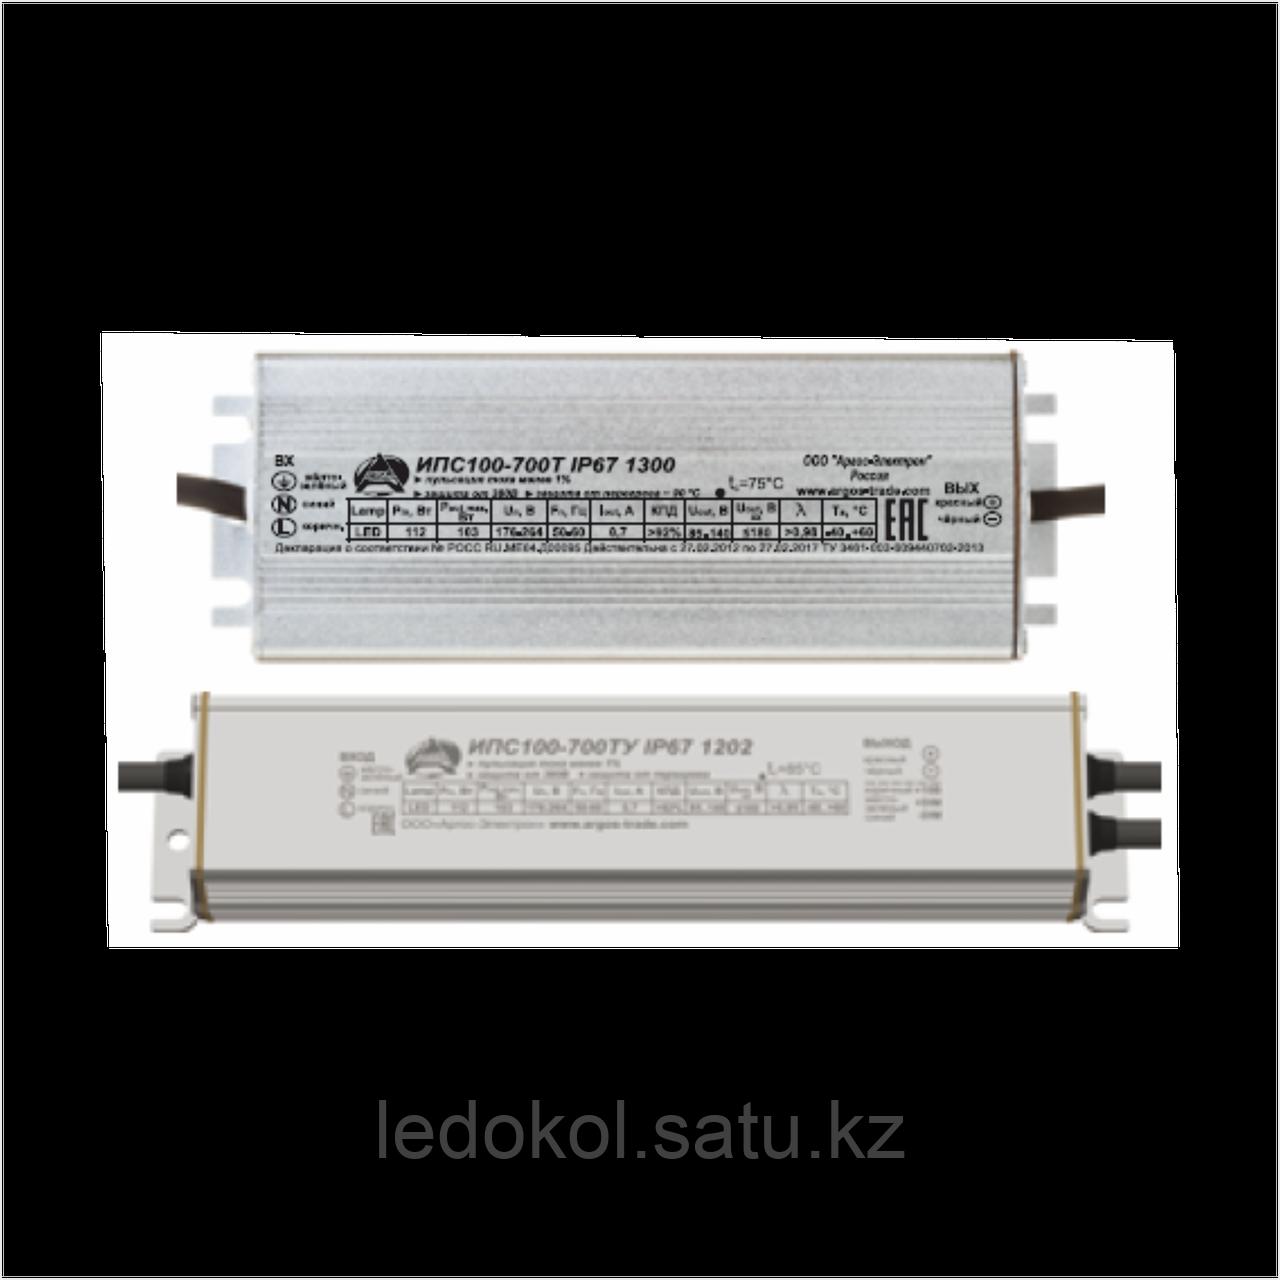 Источник питания Аргос ИПС100-1400Т IP67 ПРОМ 1300